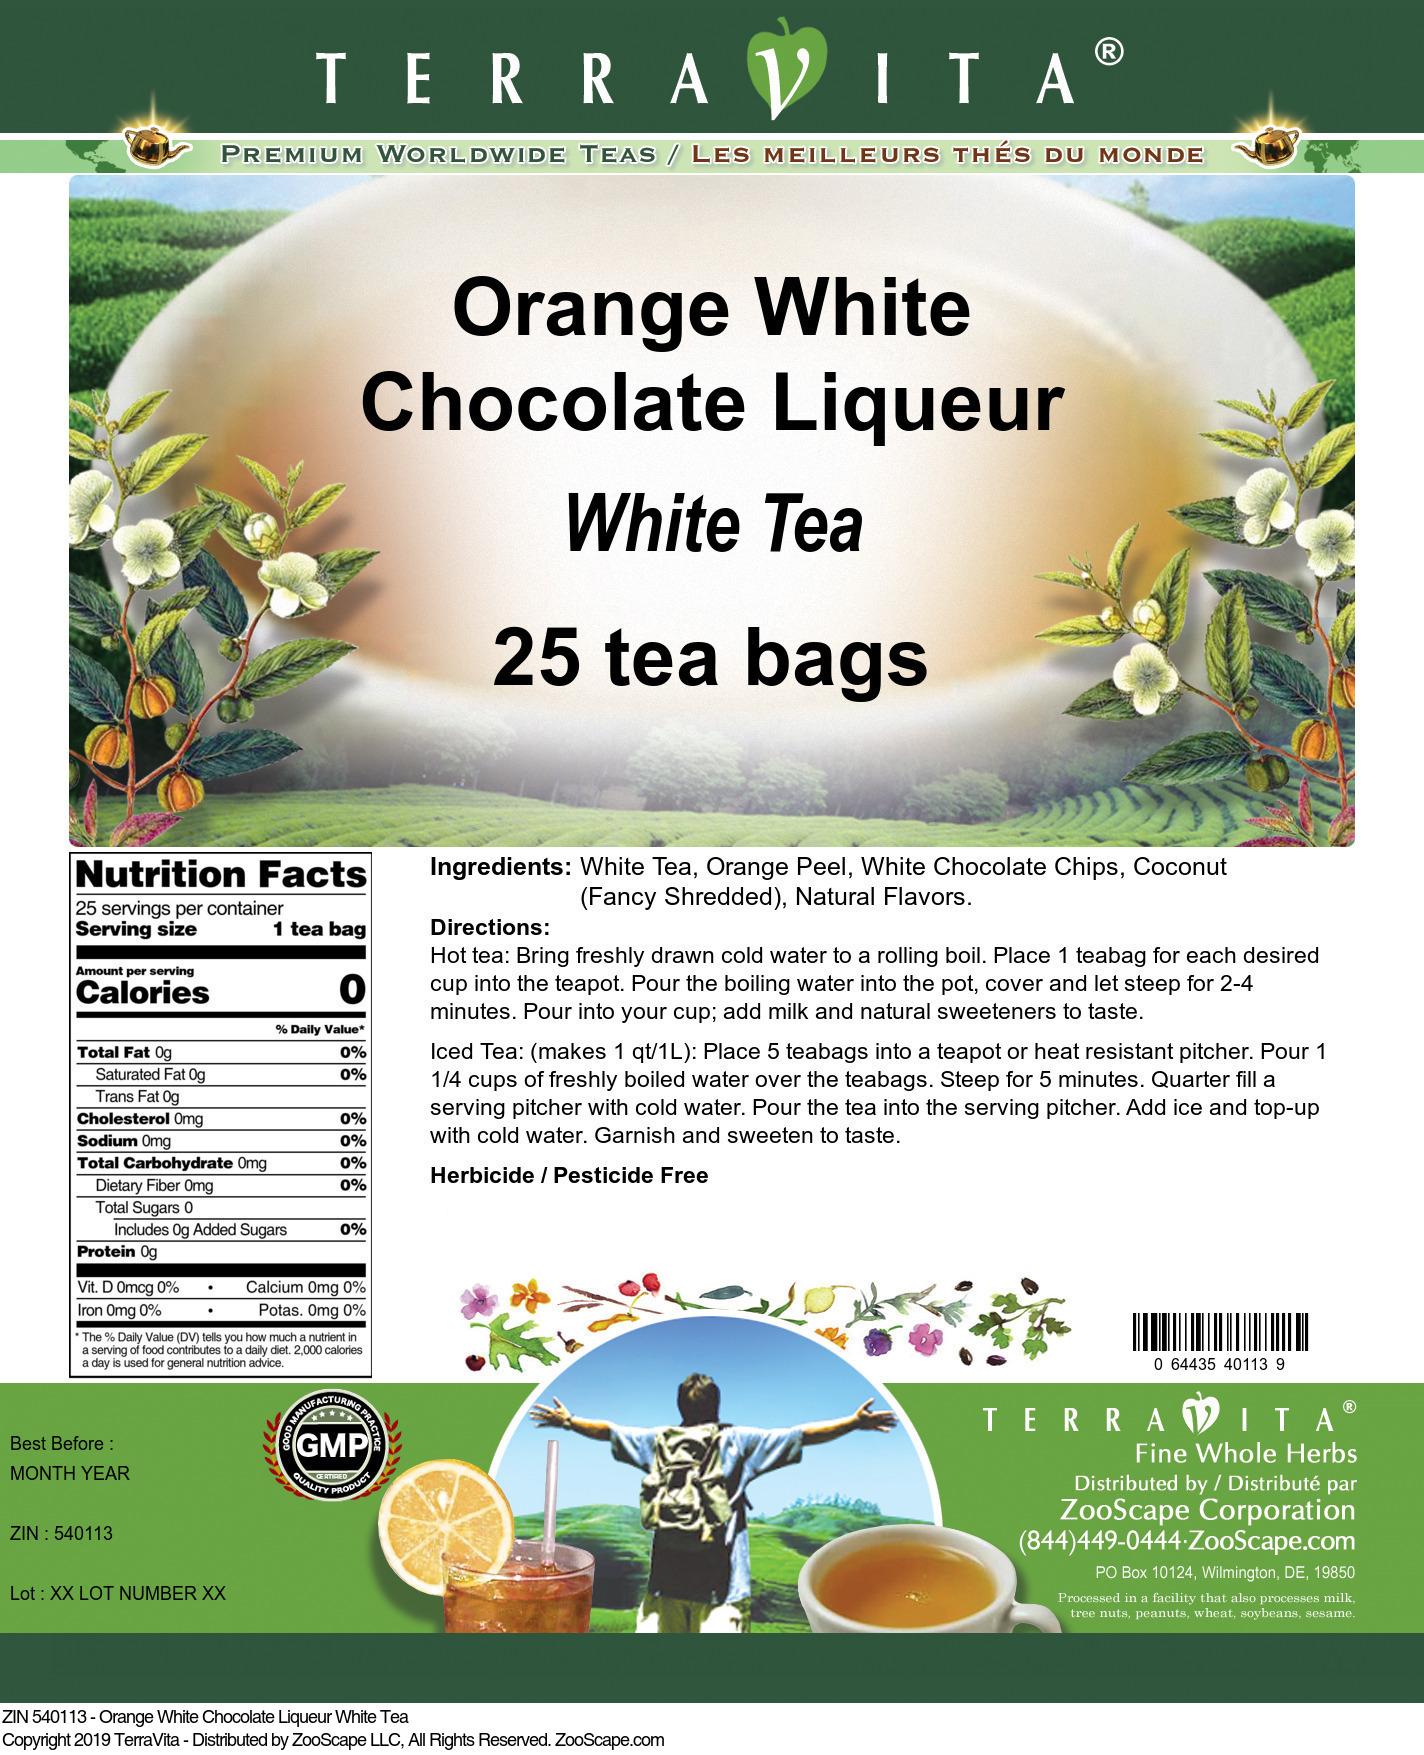 Orange White Chocolate Liqueur White Tea